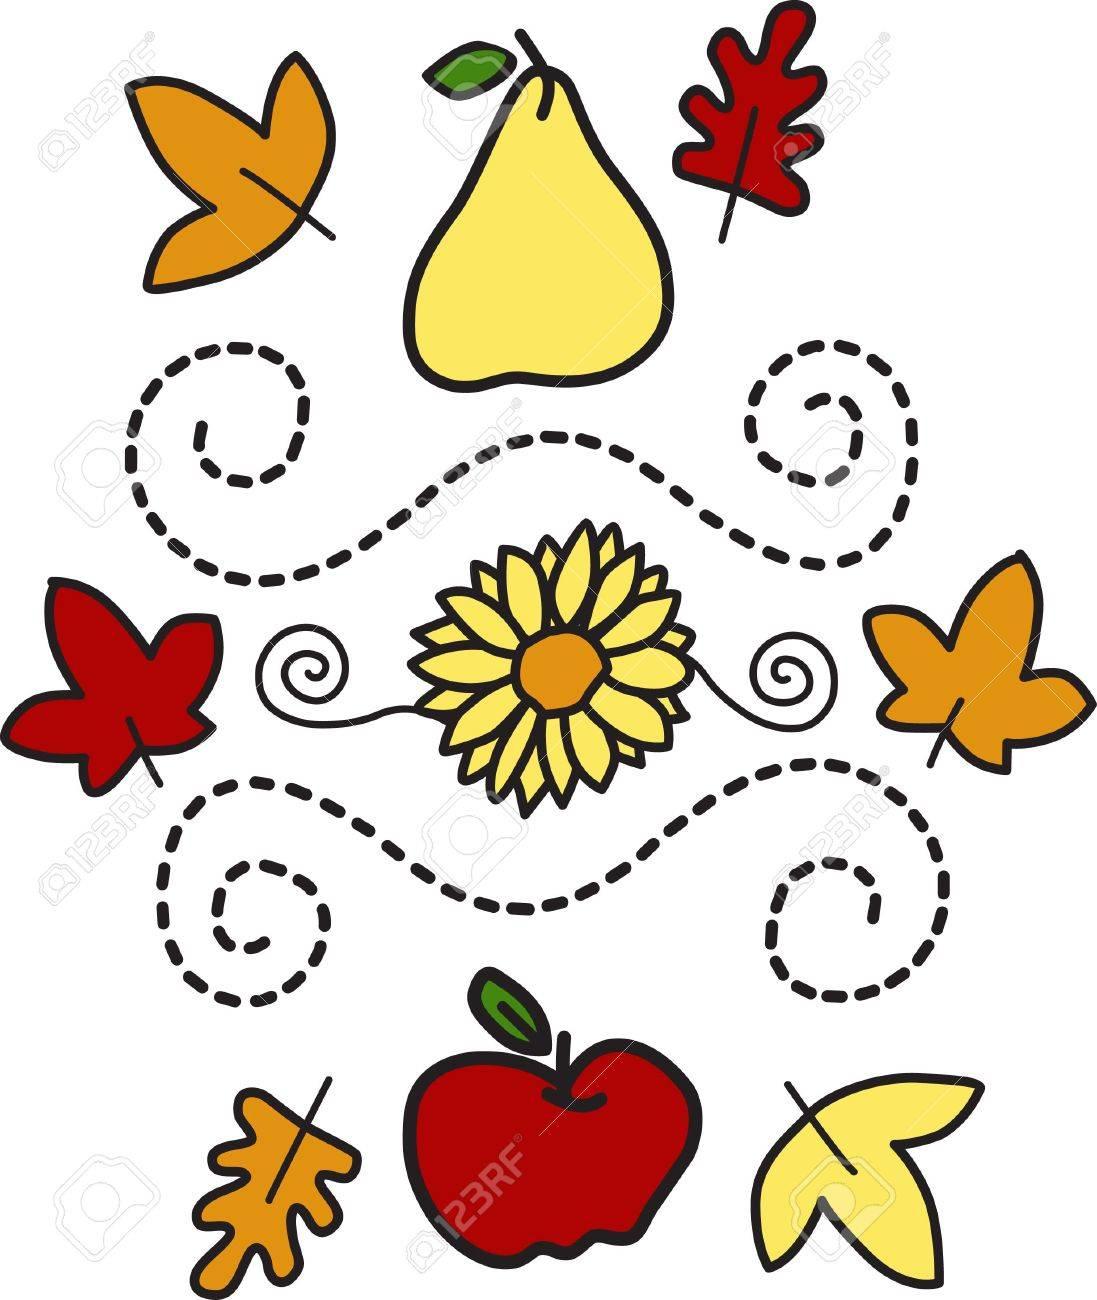 Wir Haben Die Perfekte Herbst Motiv Dieser Hubsche Entwurf Deckt Es